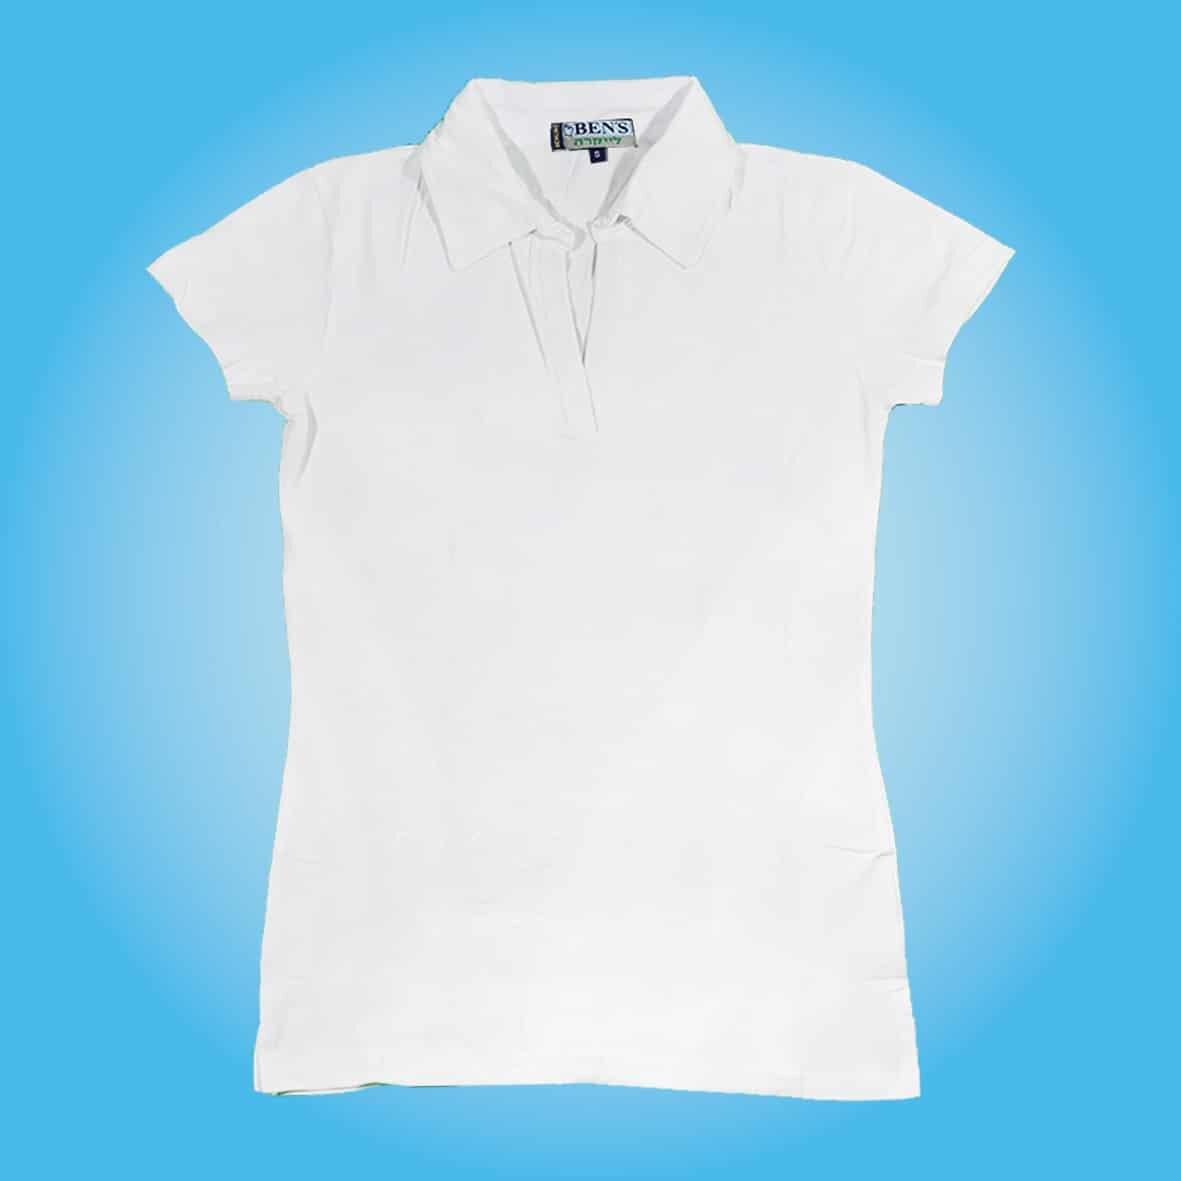 בן ליין חולצה לבנה